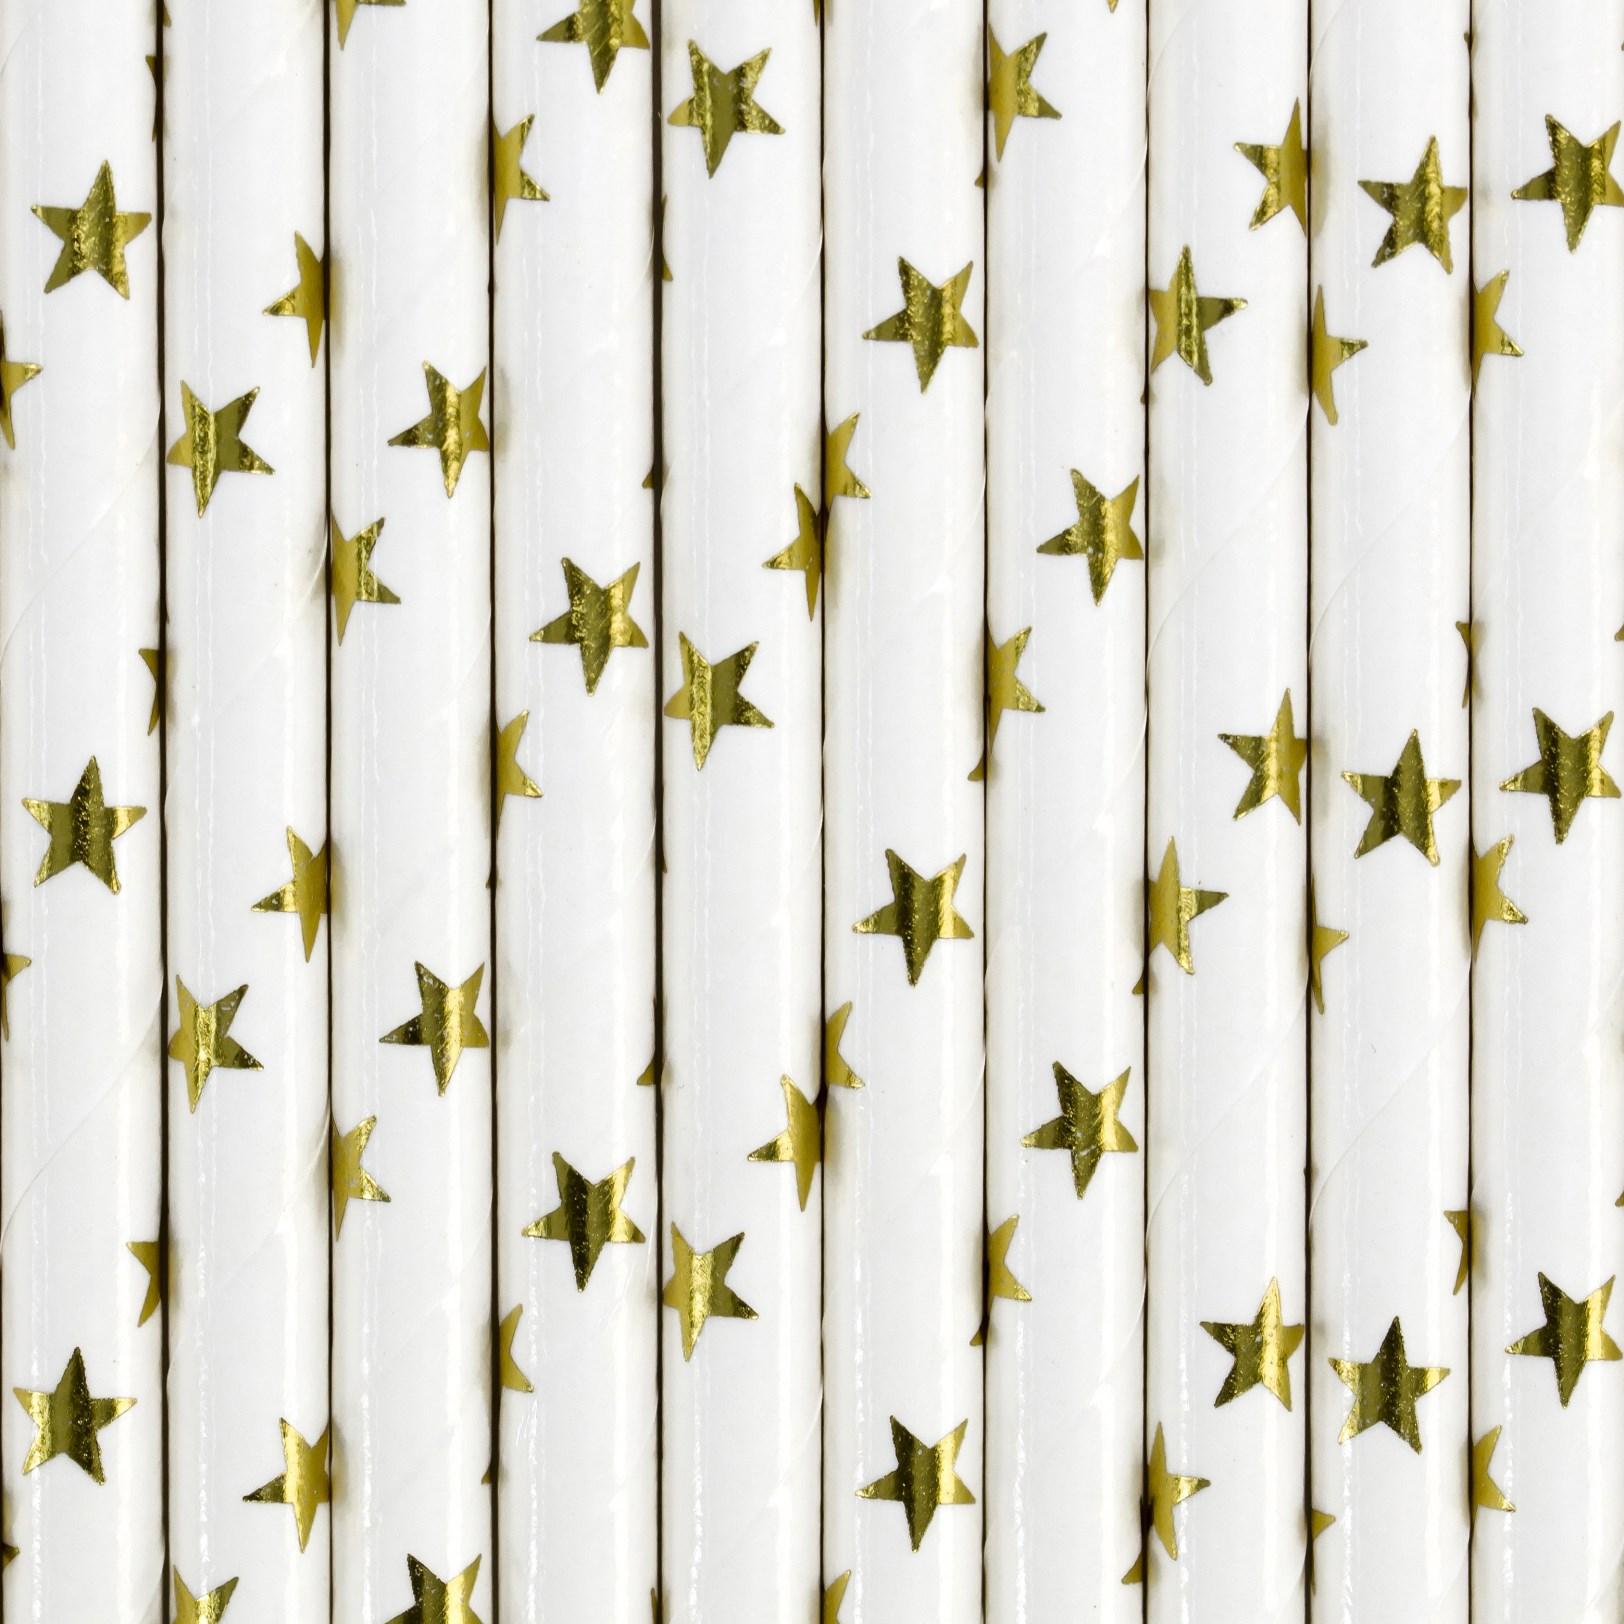 Χάρτινα Καλαμάκια Λεύκα με Χρυσά Αστεράκια – 10 Τεμάχια